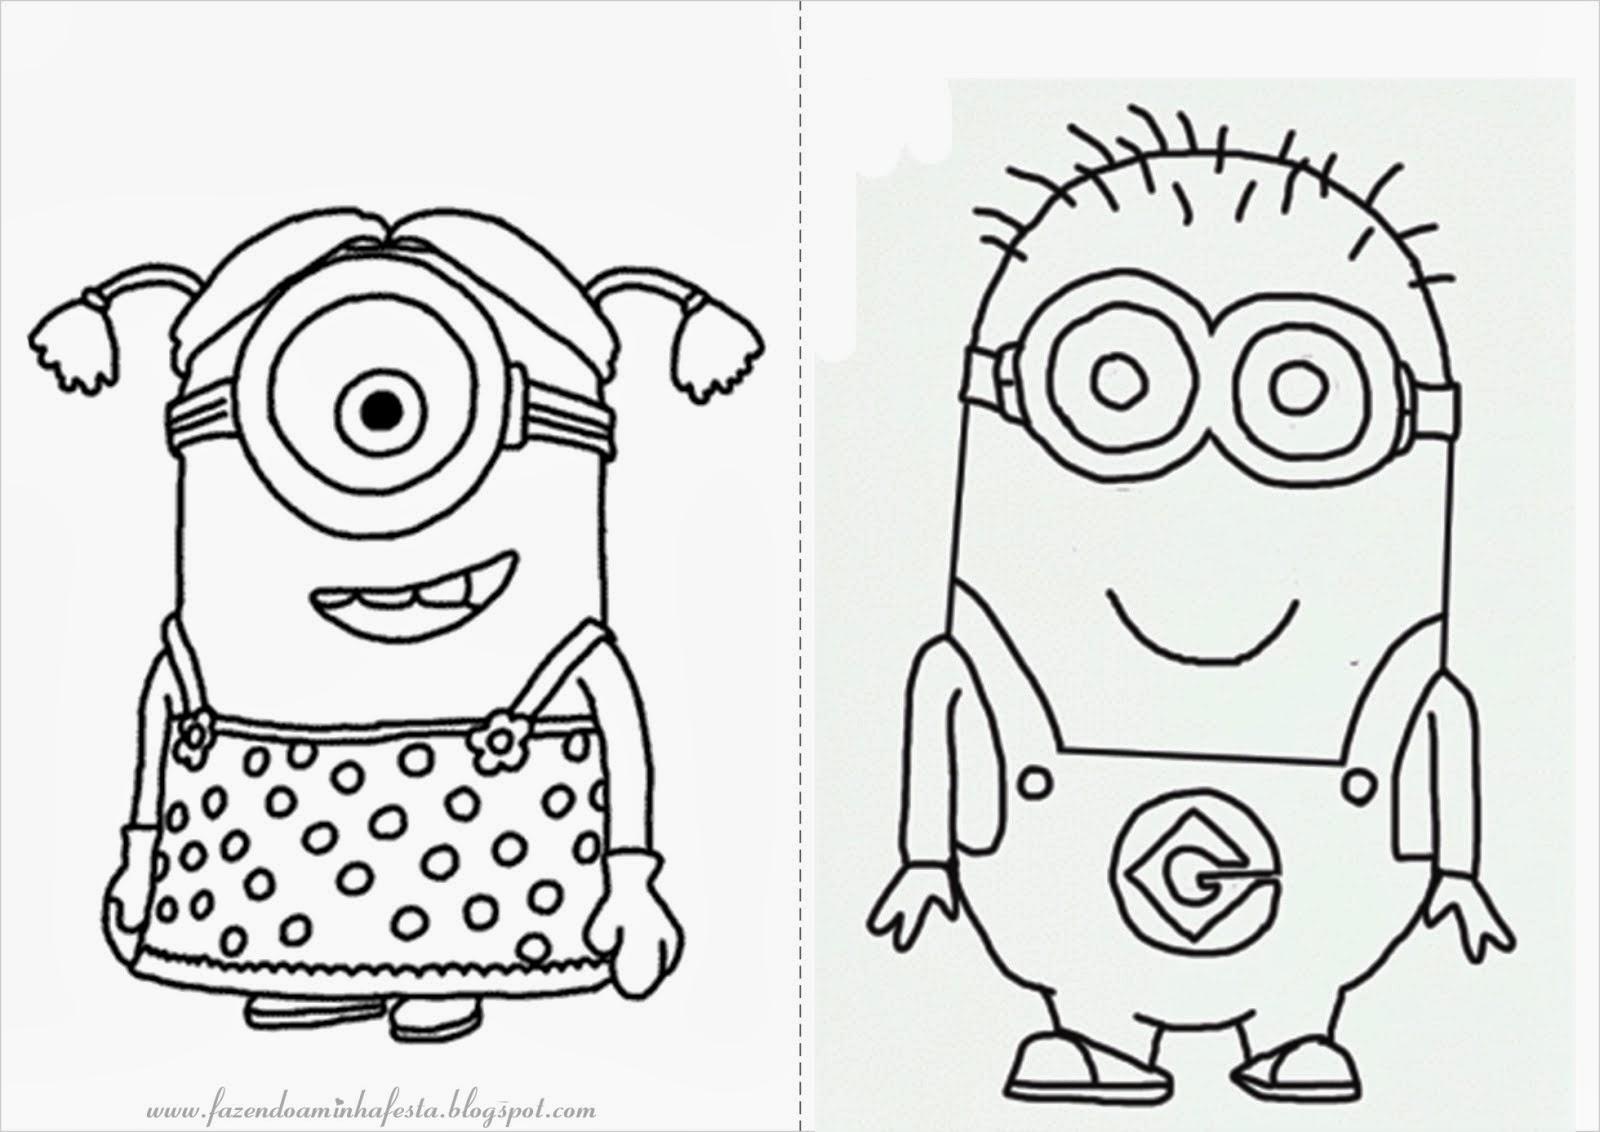 Desenhos E Brincadeiras Educativas: Desenhos Para Pintar E